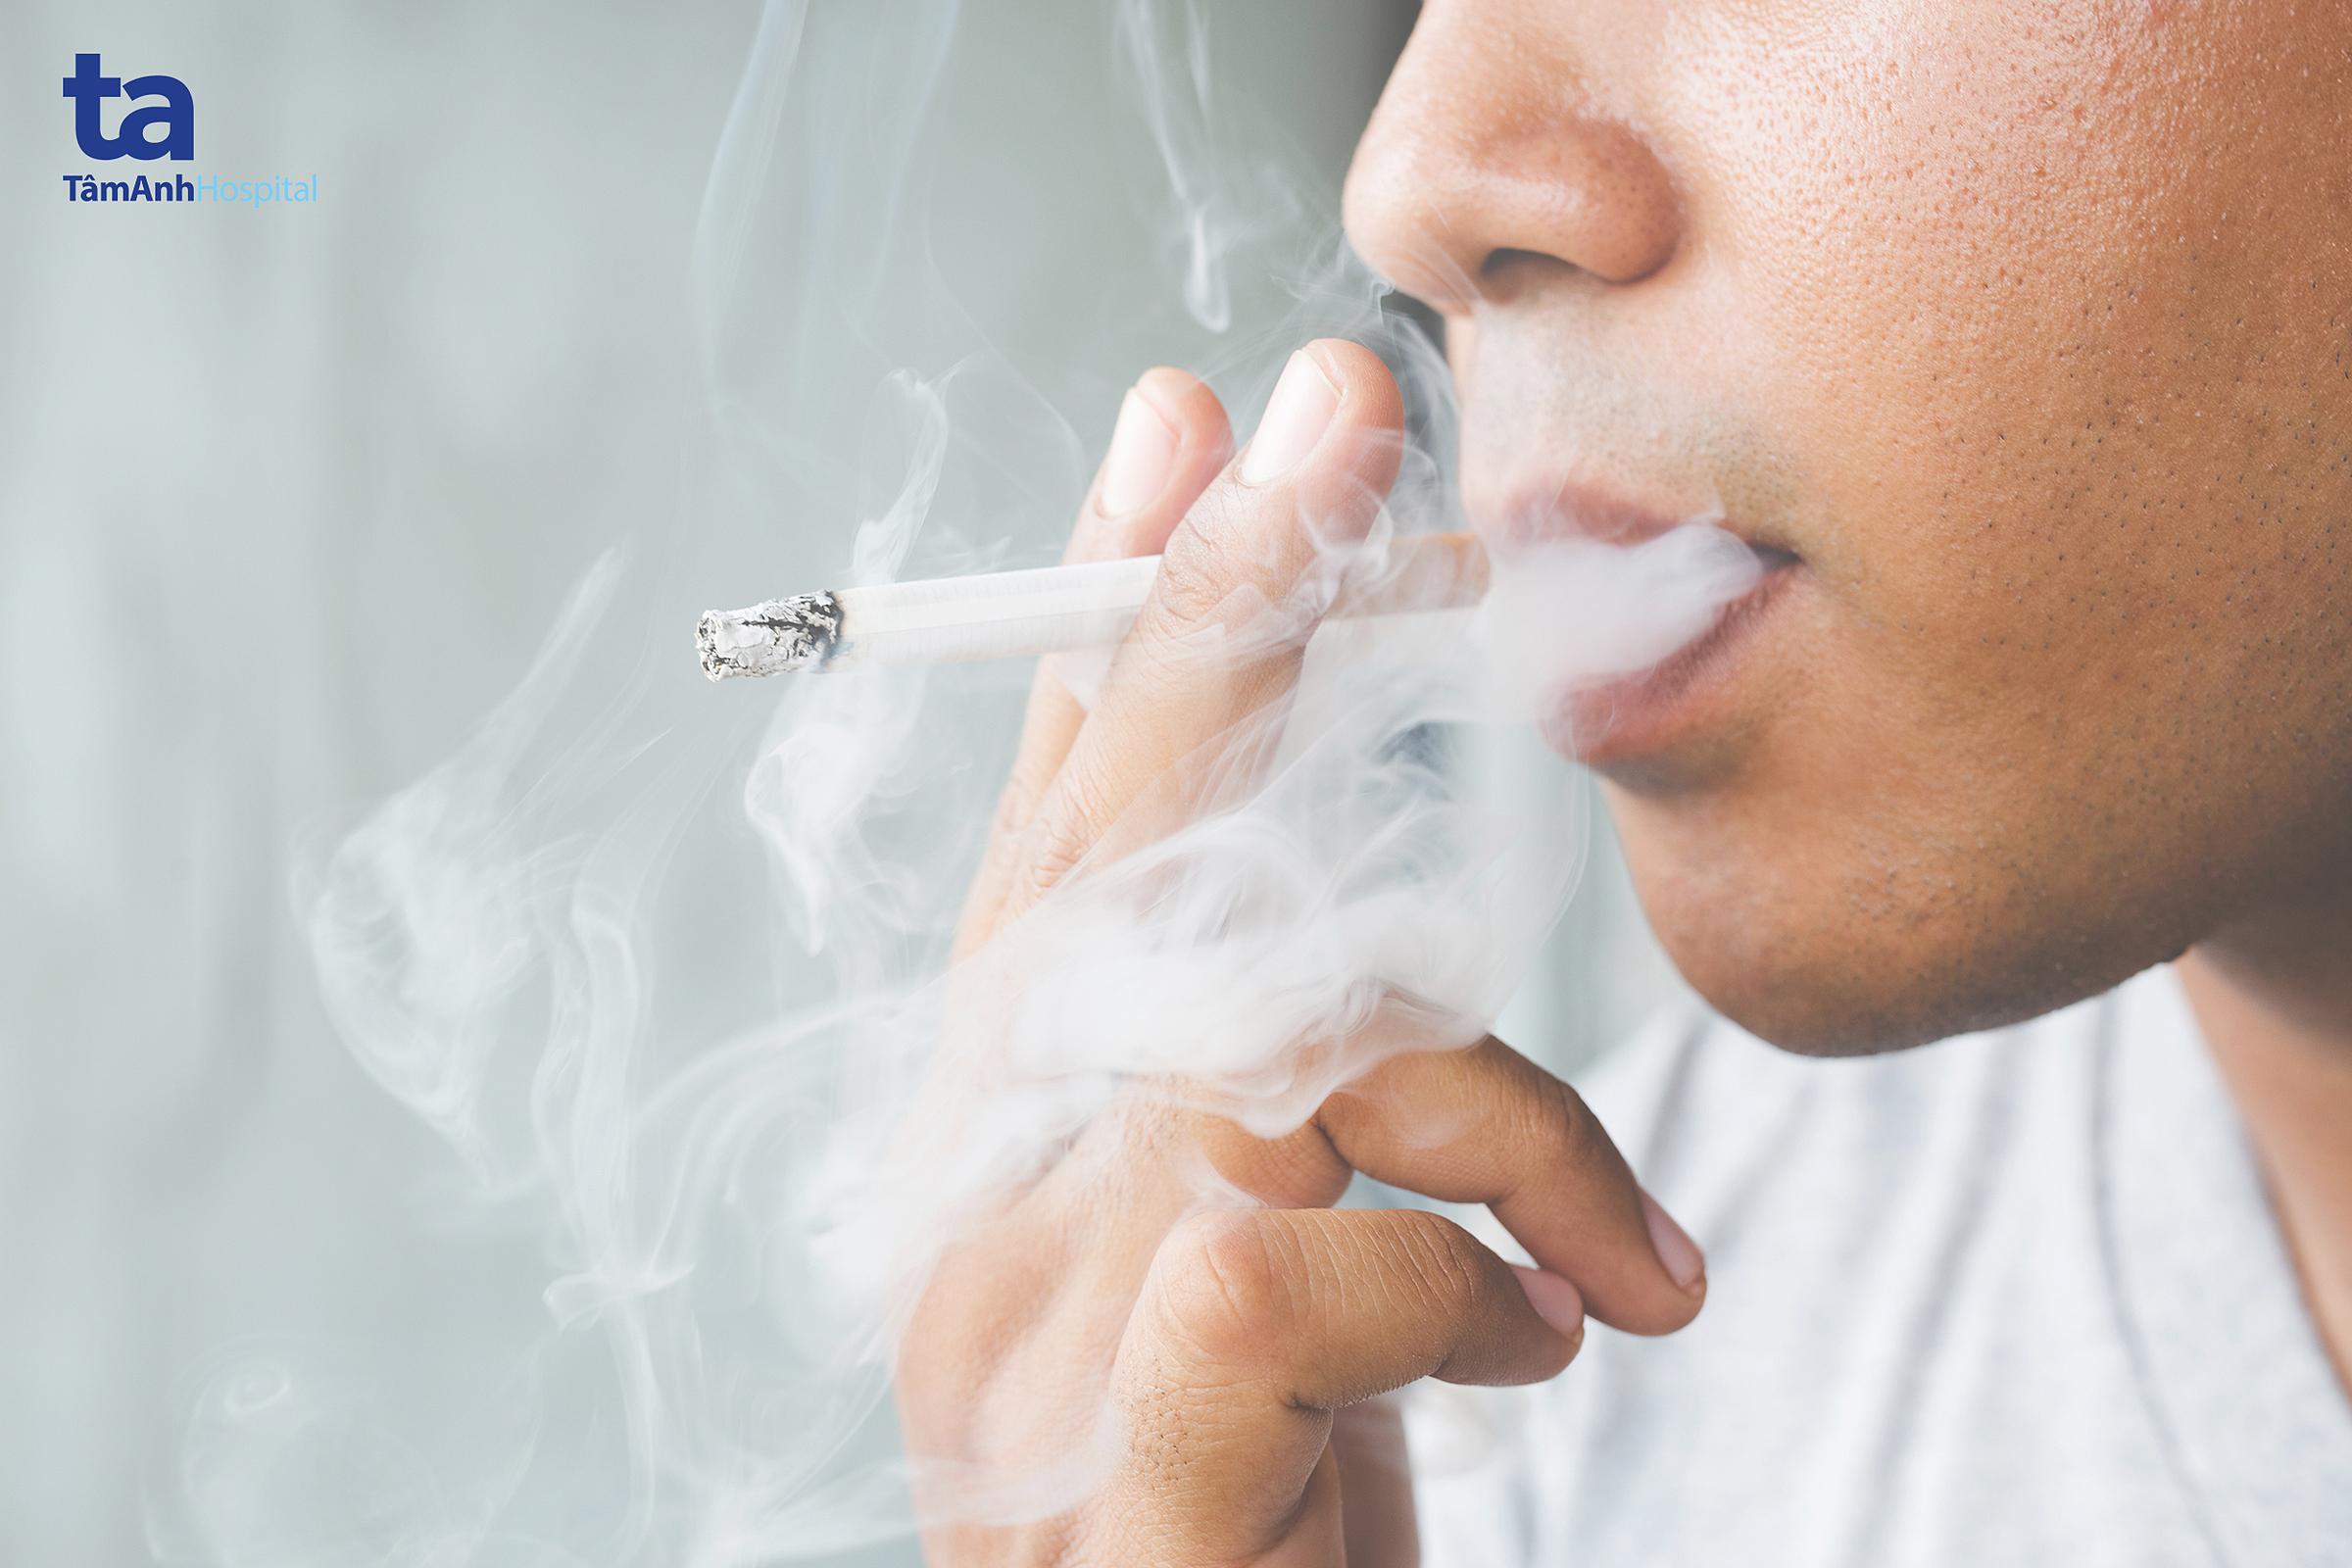 Chỉ với vài điếu thuốc lá mỗi ngày bạn vẫn có nguy cơ mắc các bệnh lý tim mạch.